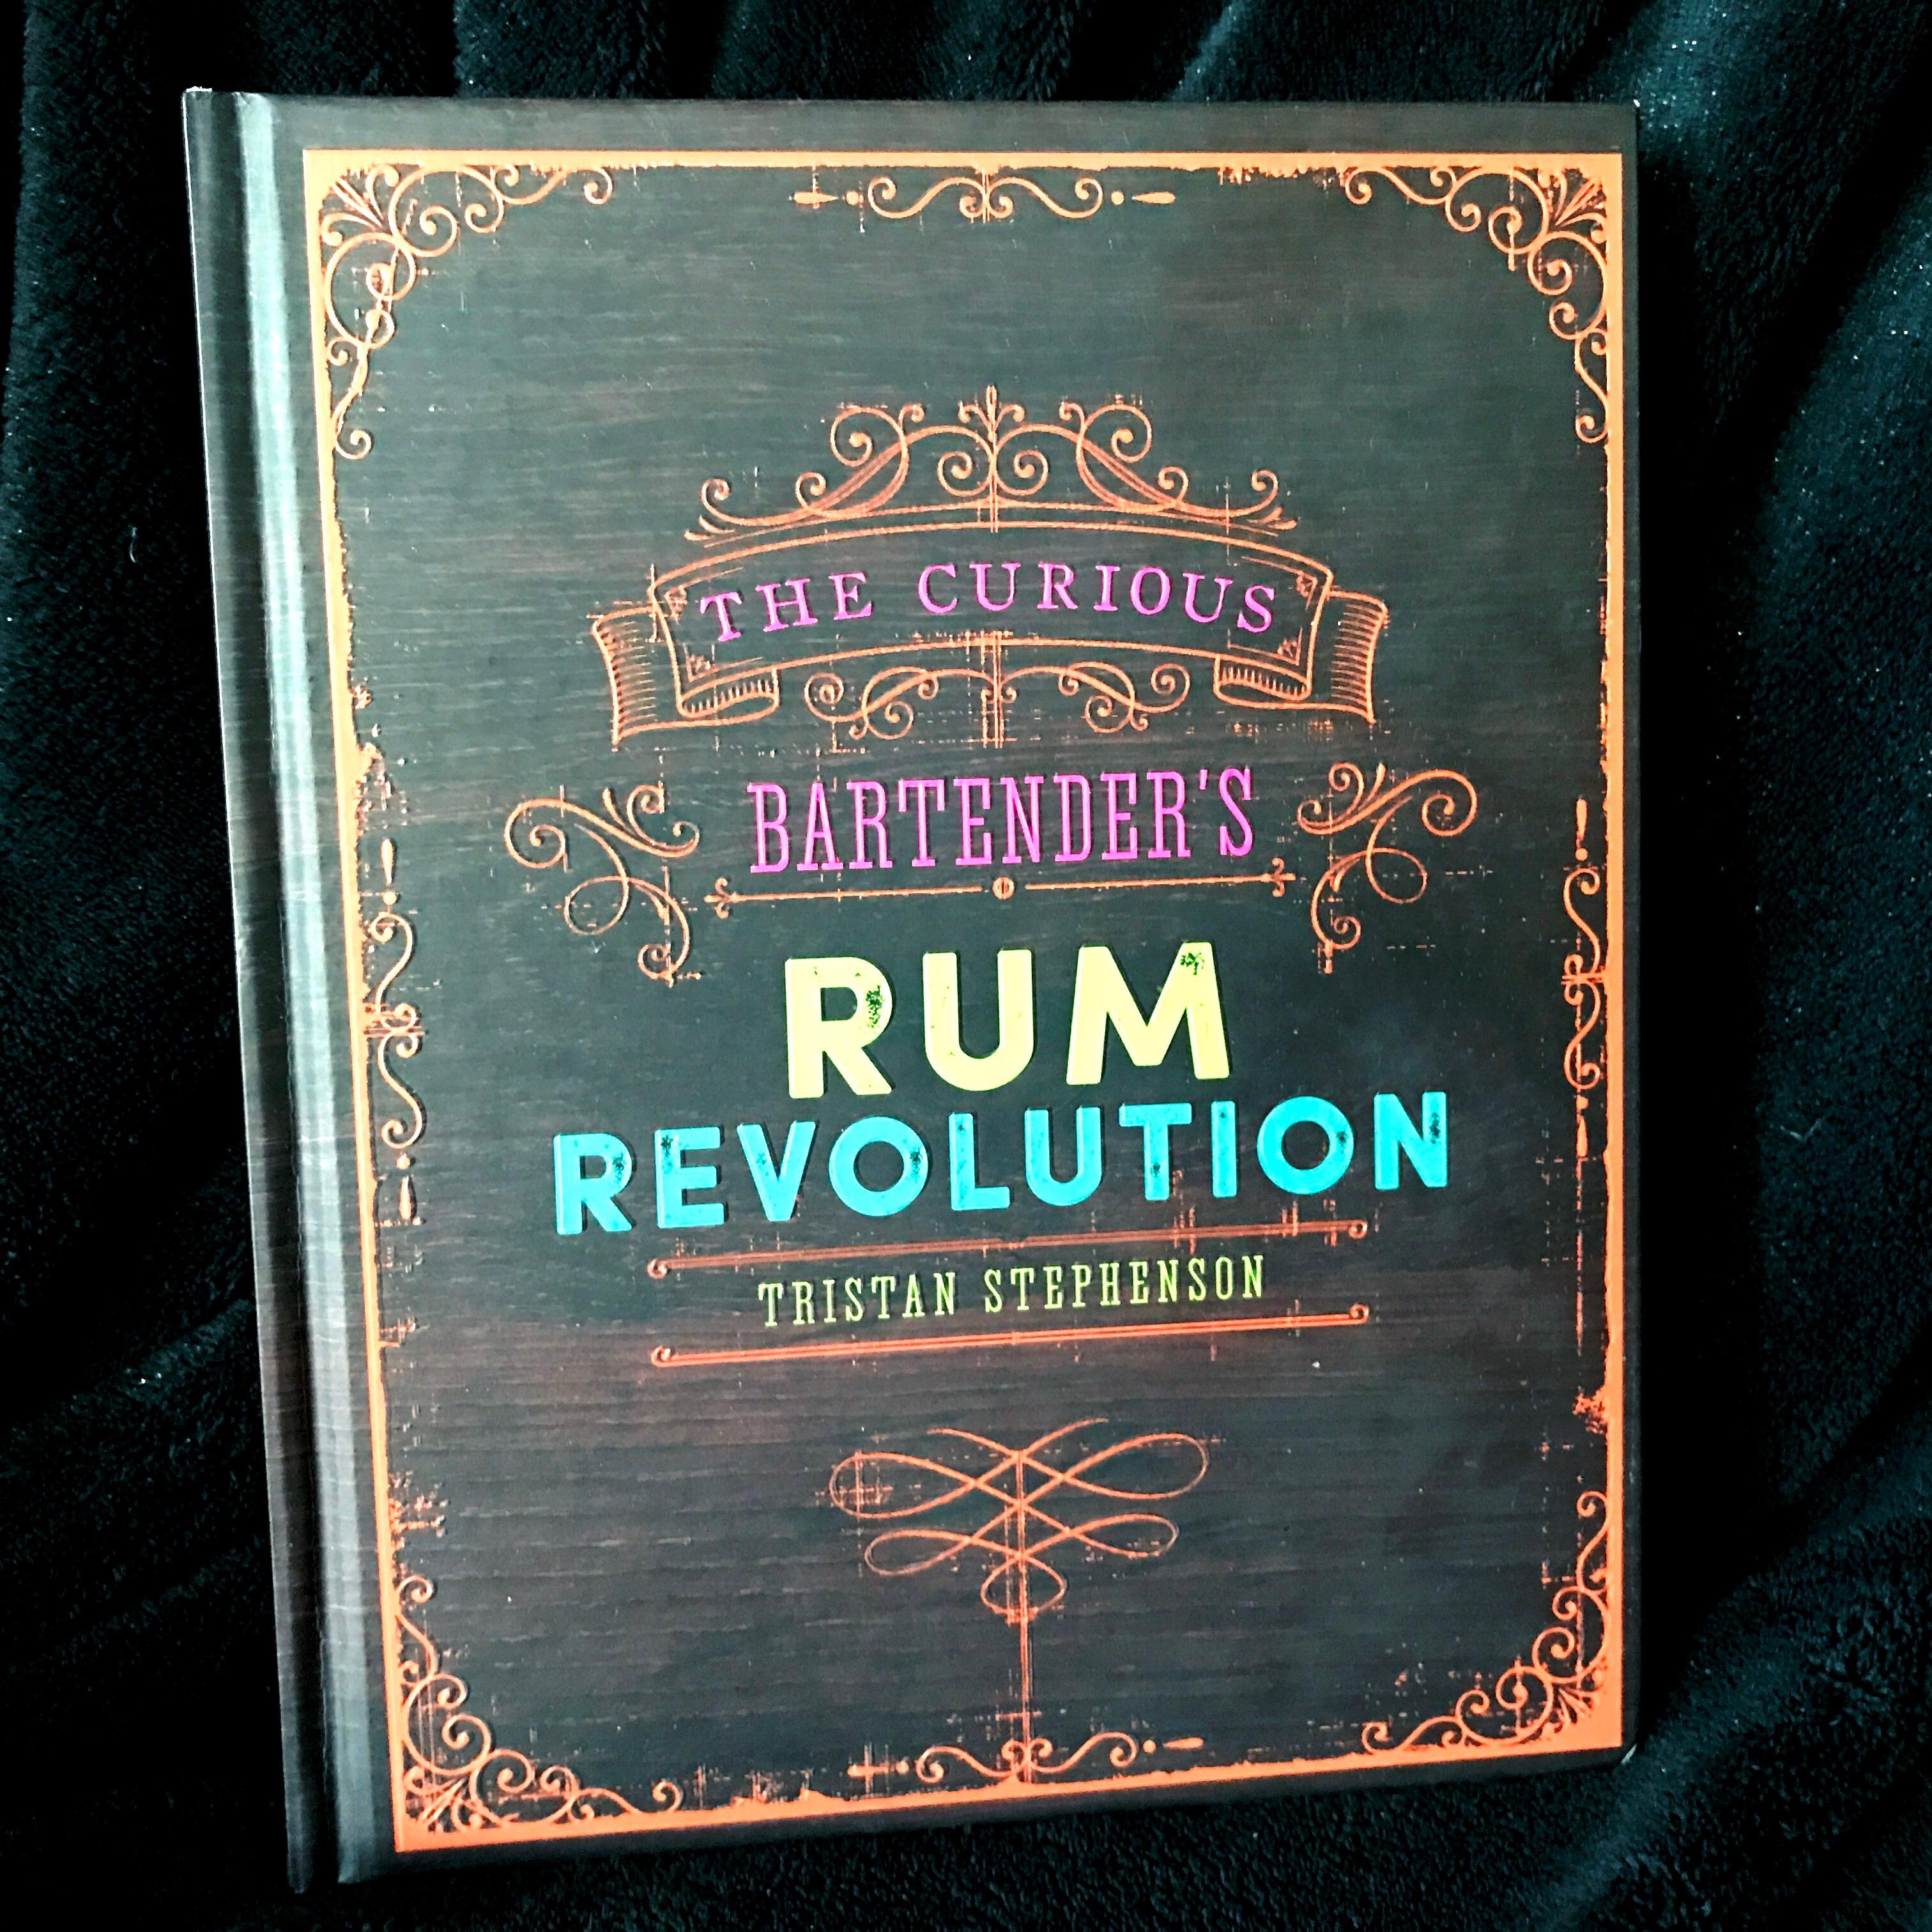 Rum revolution